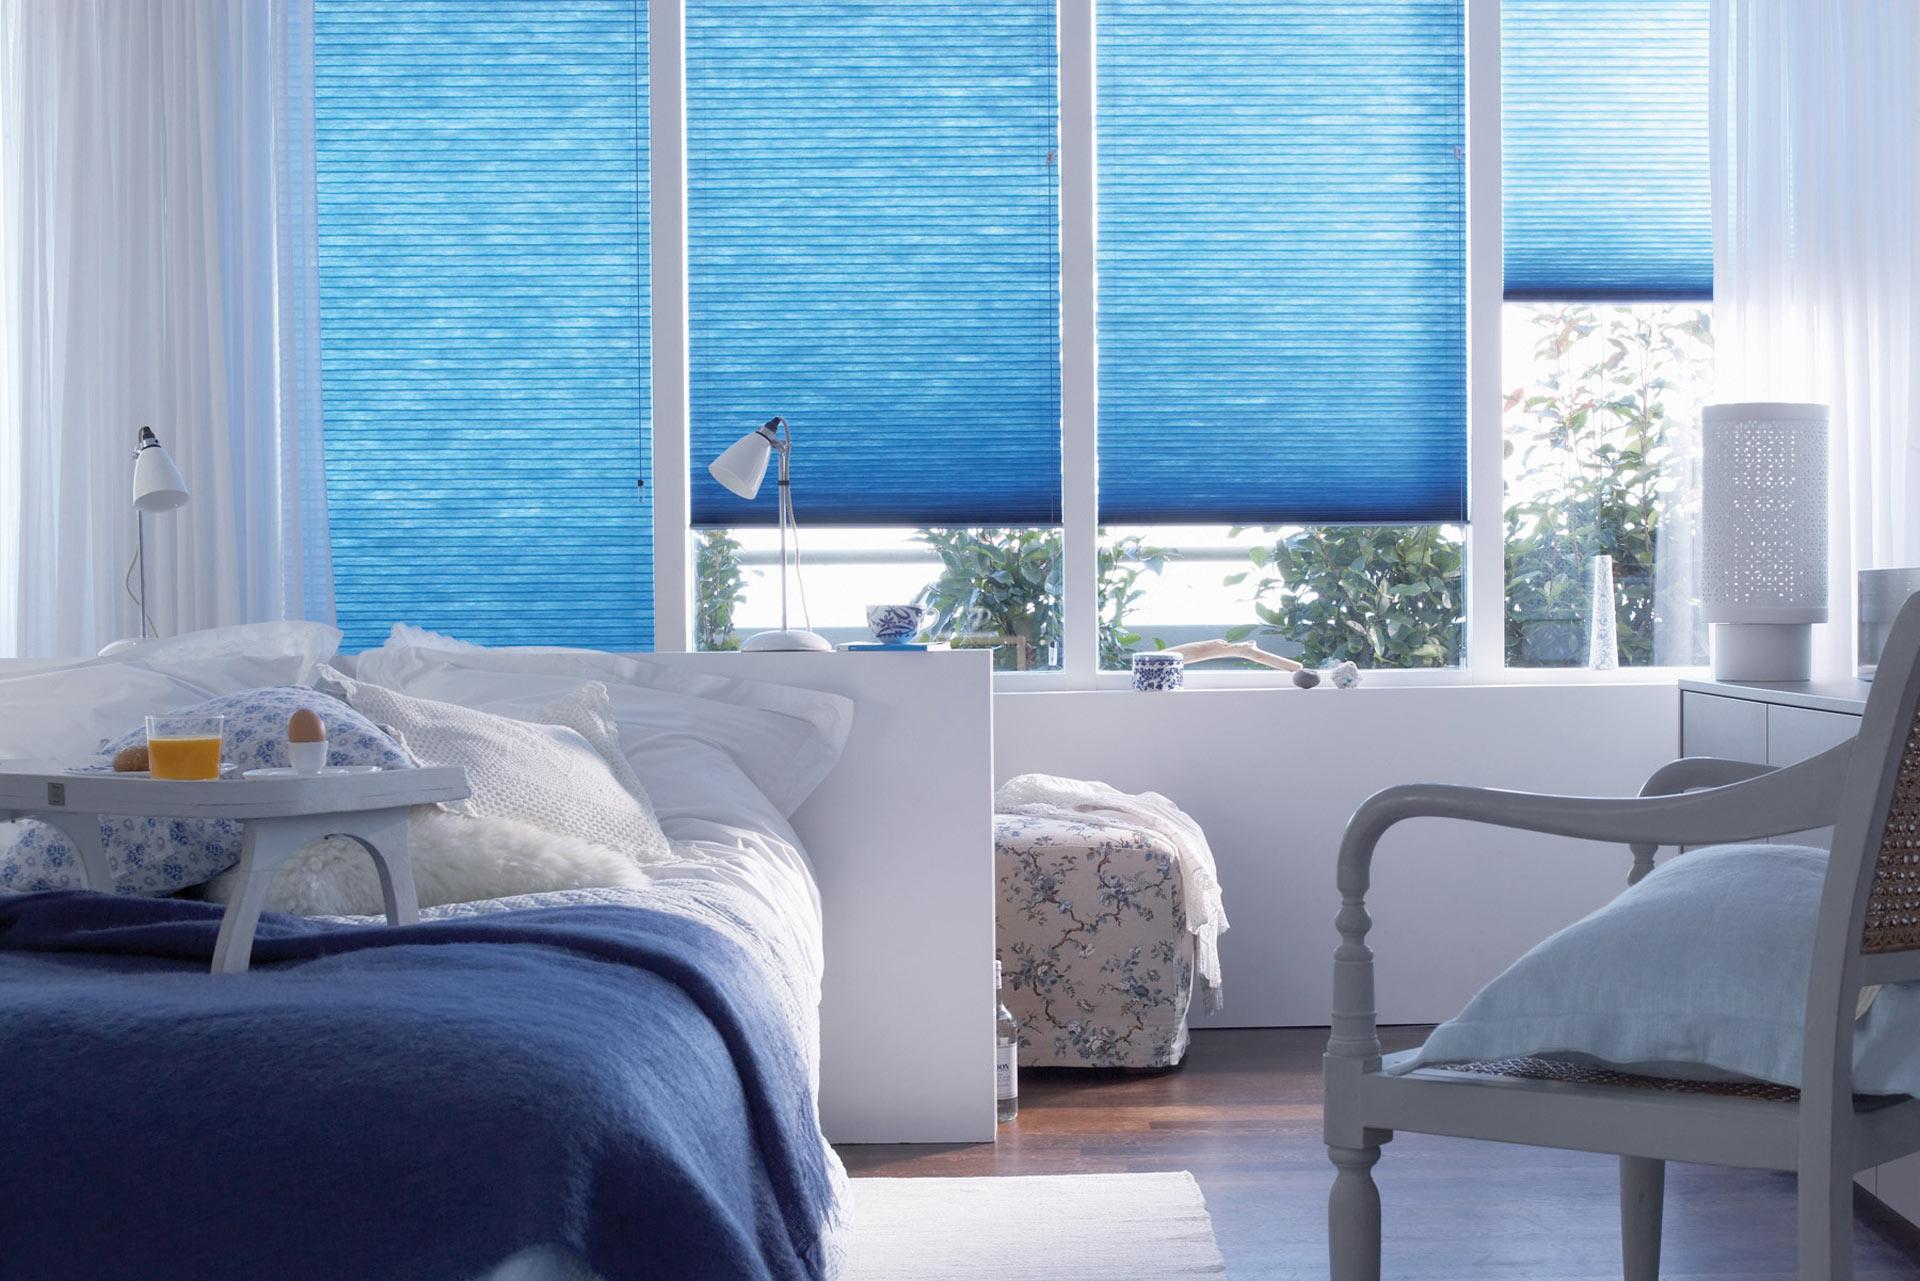 Wabenplissee im Schlafzimmer für angenehmes Schlafklima, Bild: Duette, Wabenplissee blau